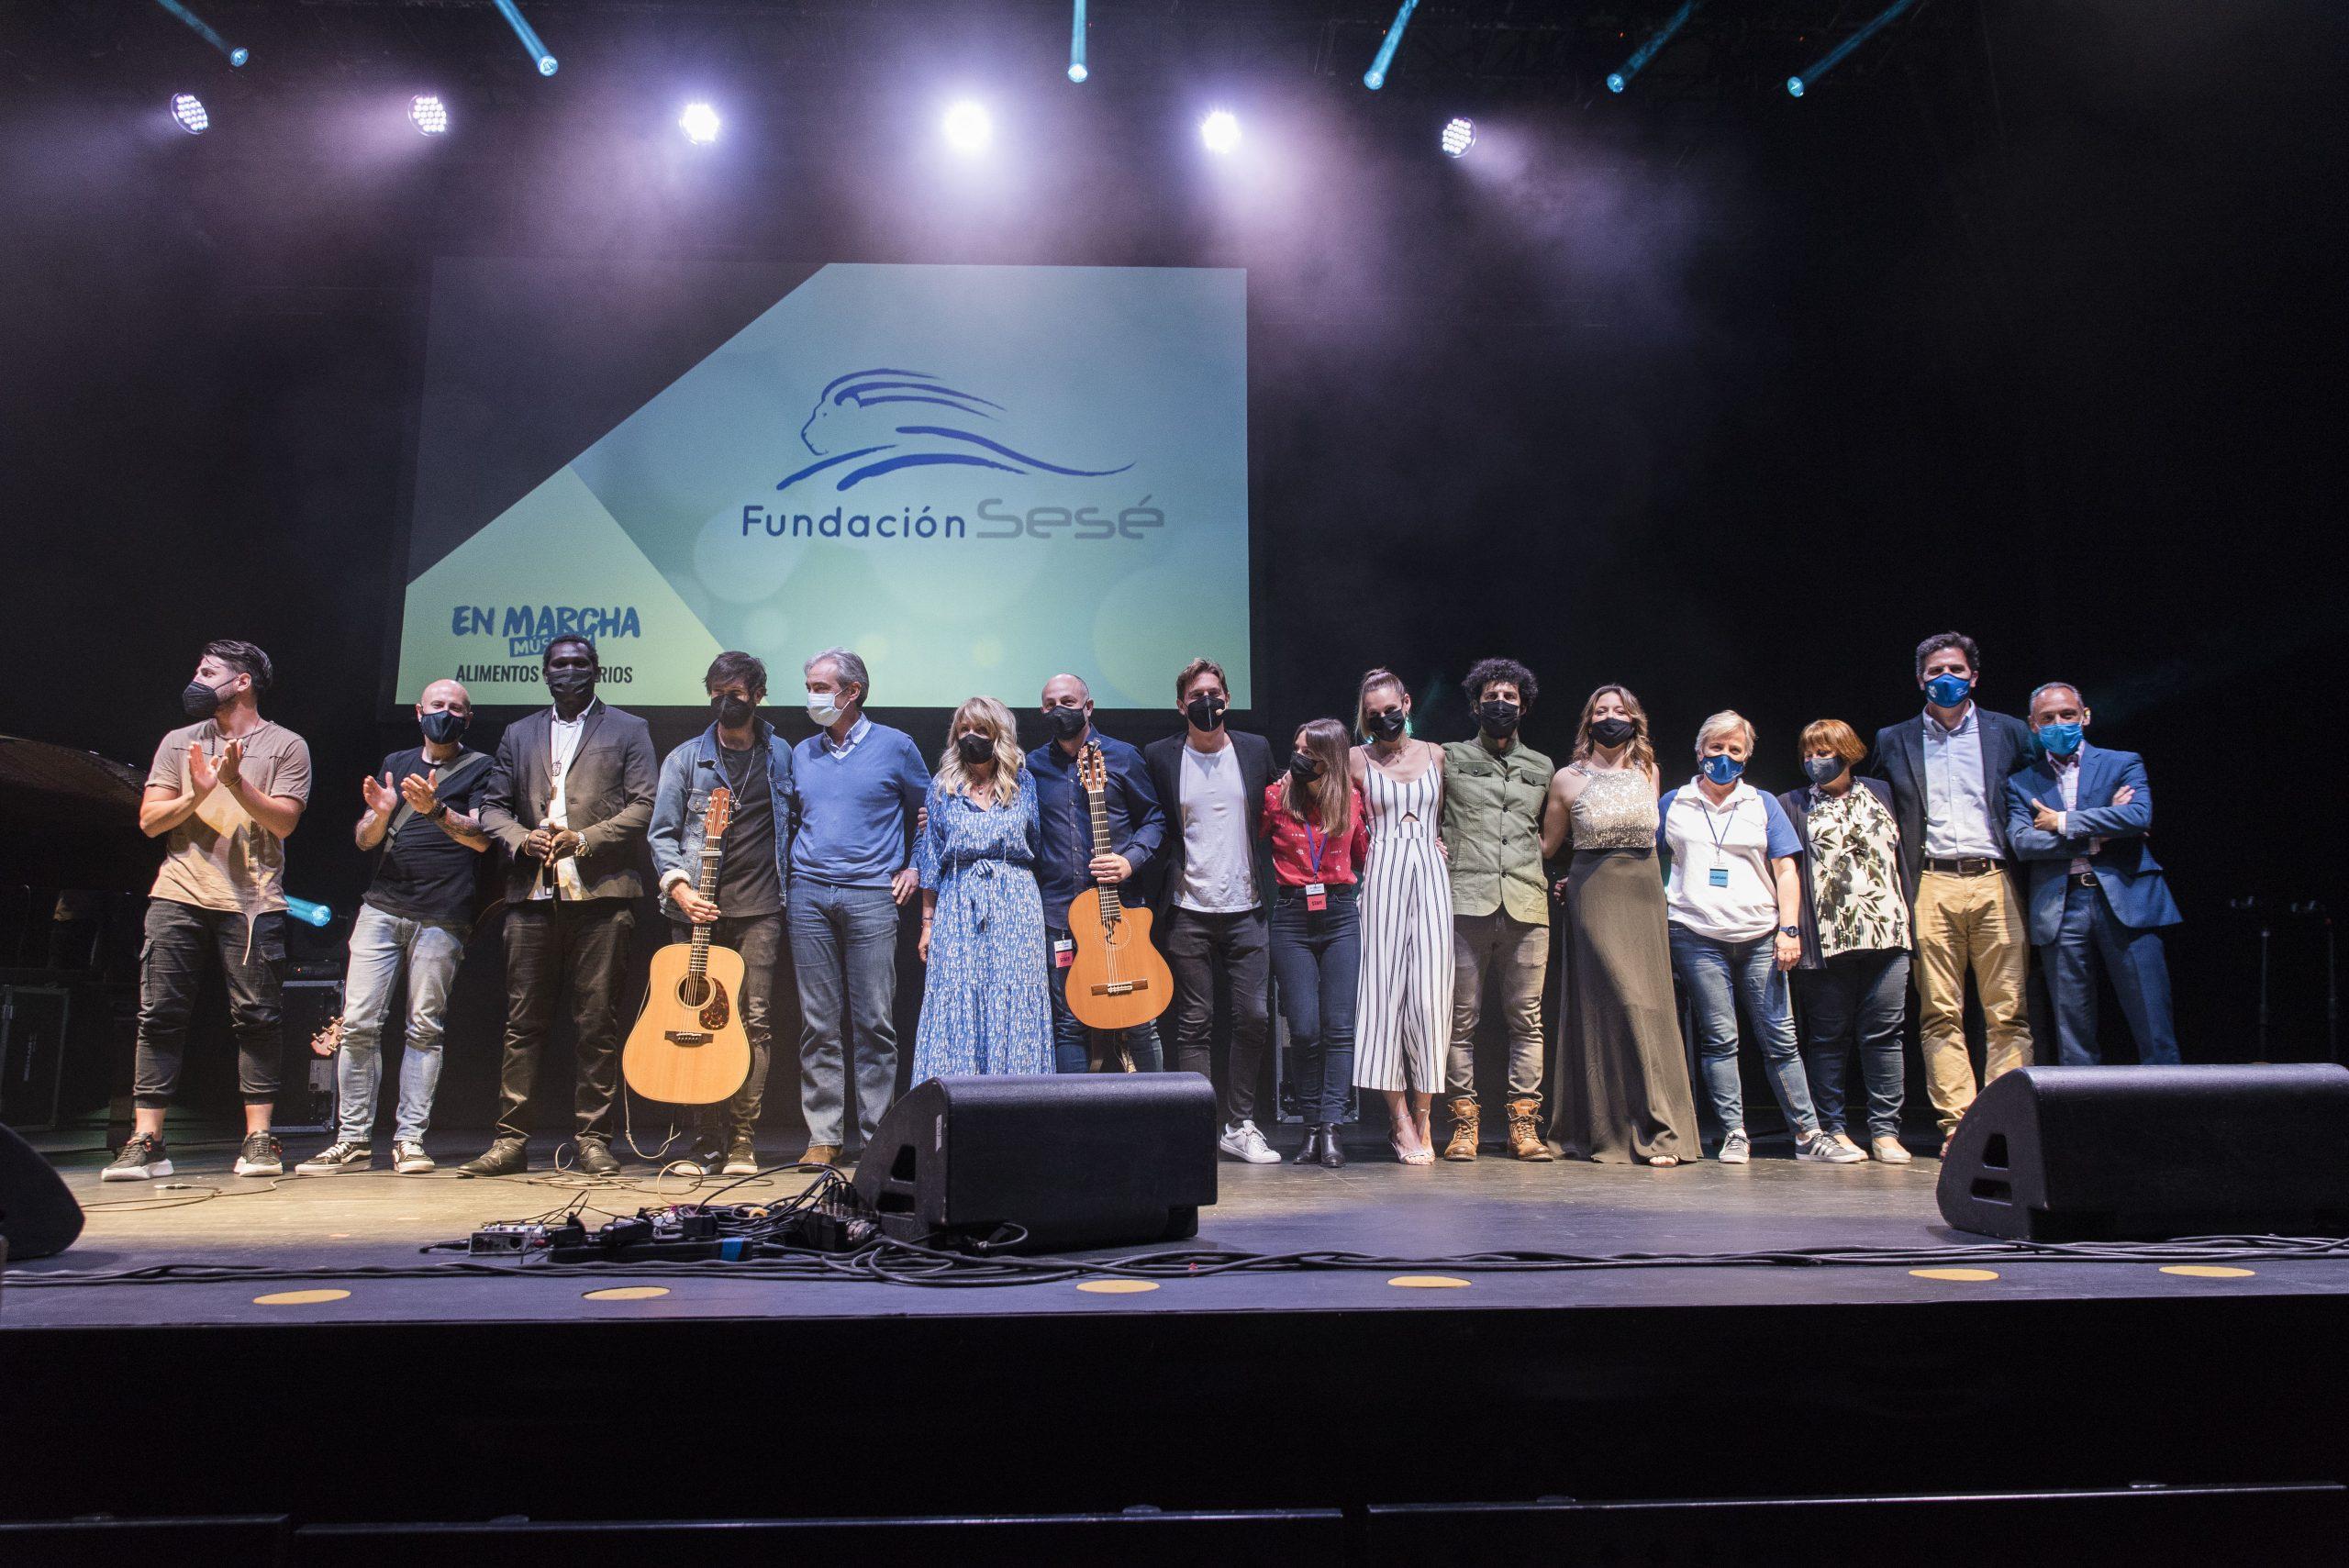 Fundación Sesé se pone en marcha y obtiene con la gala benéfica 10.000 menús solidarios más